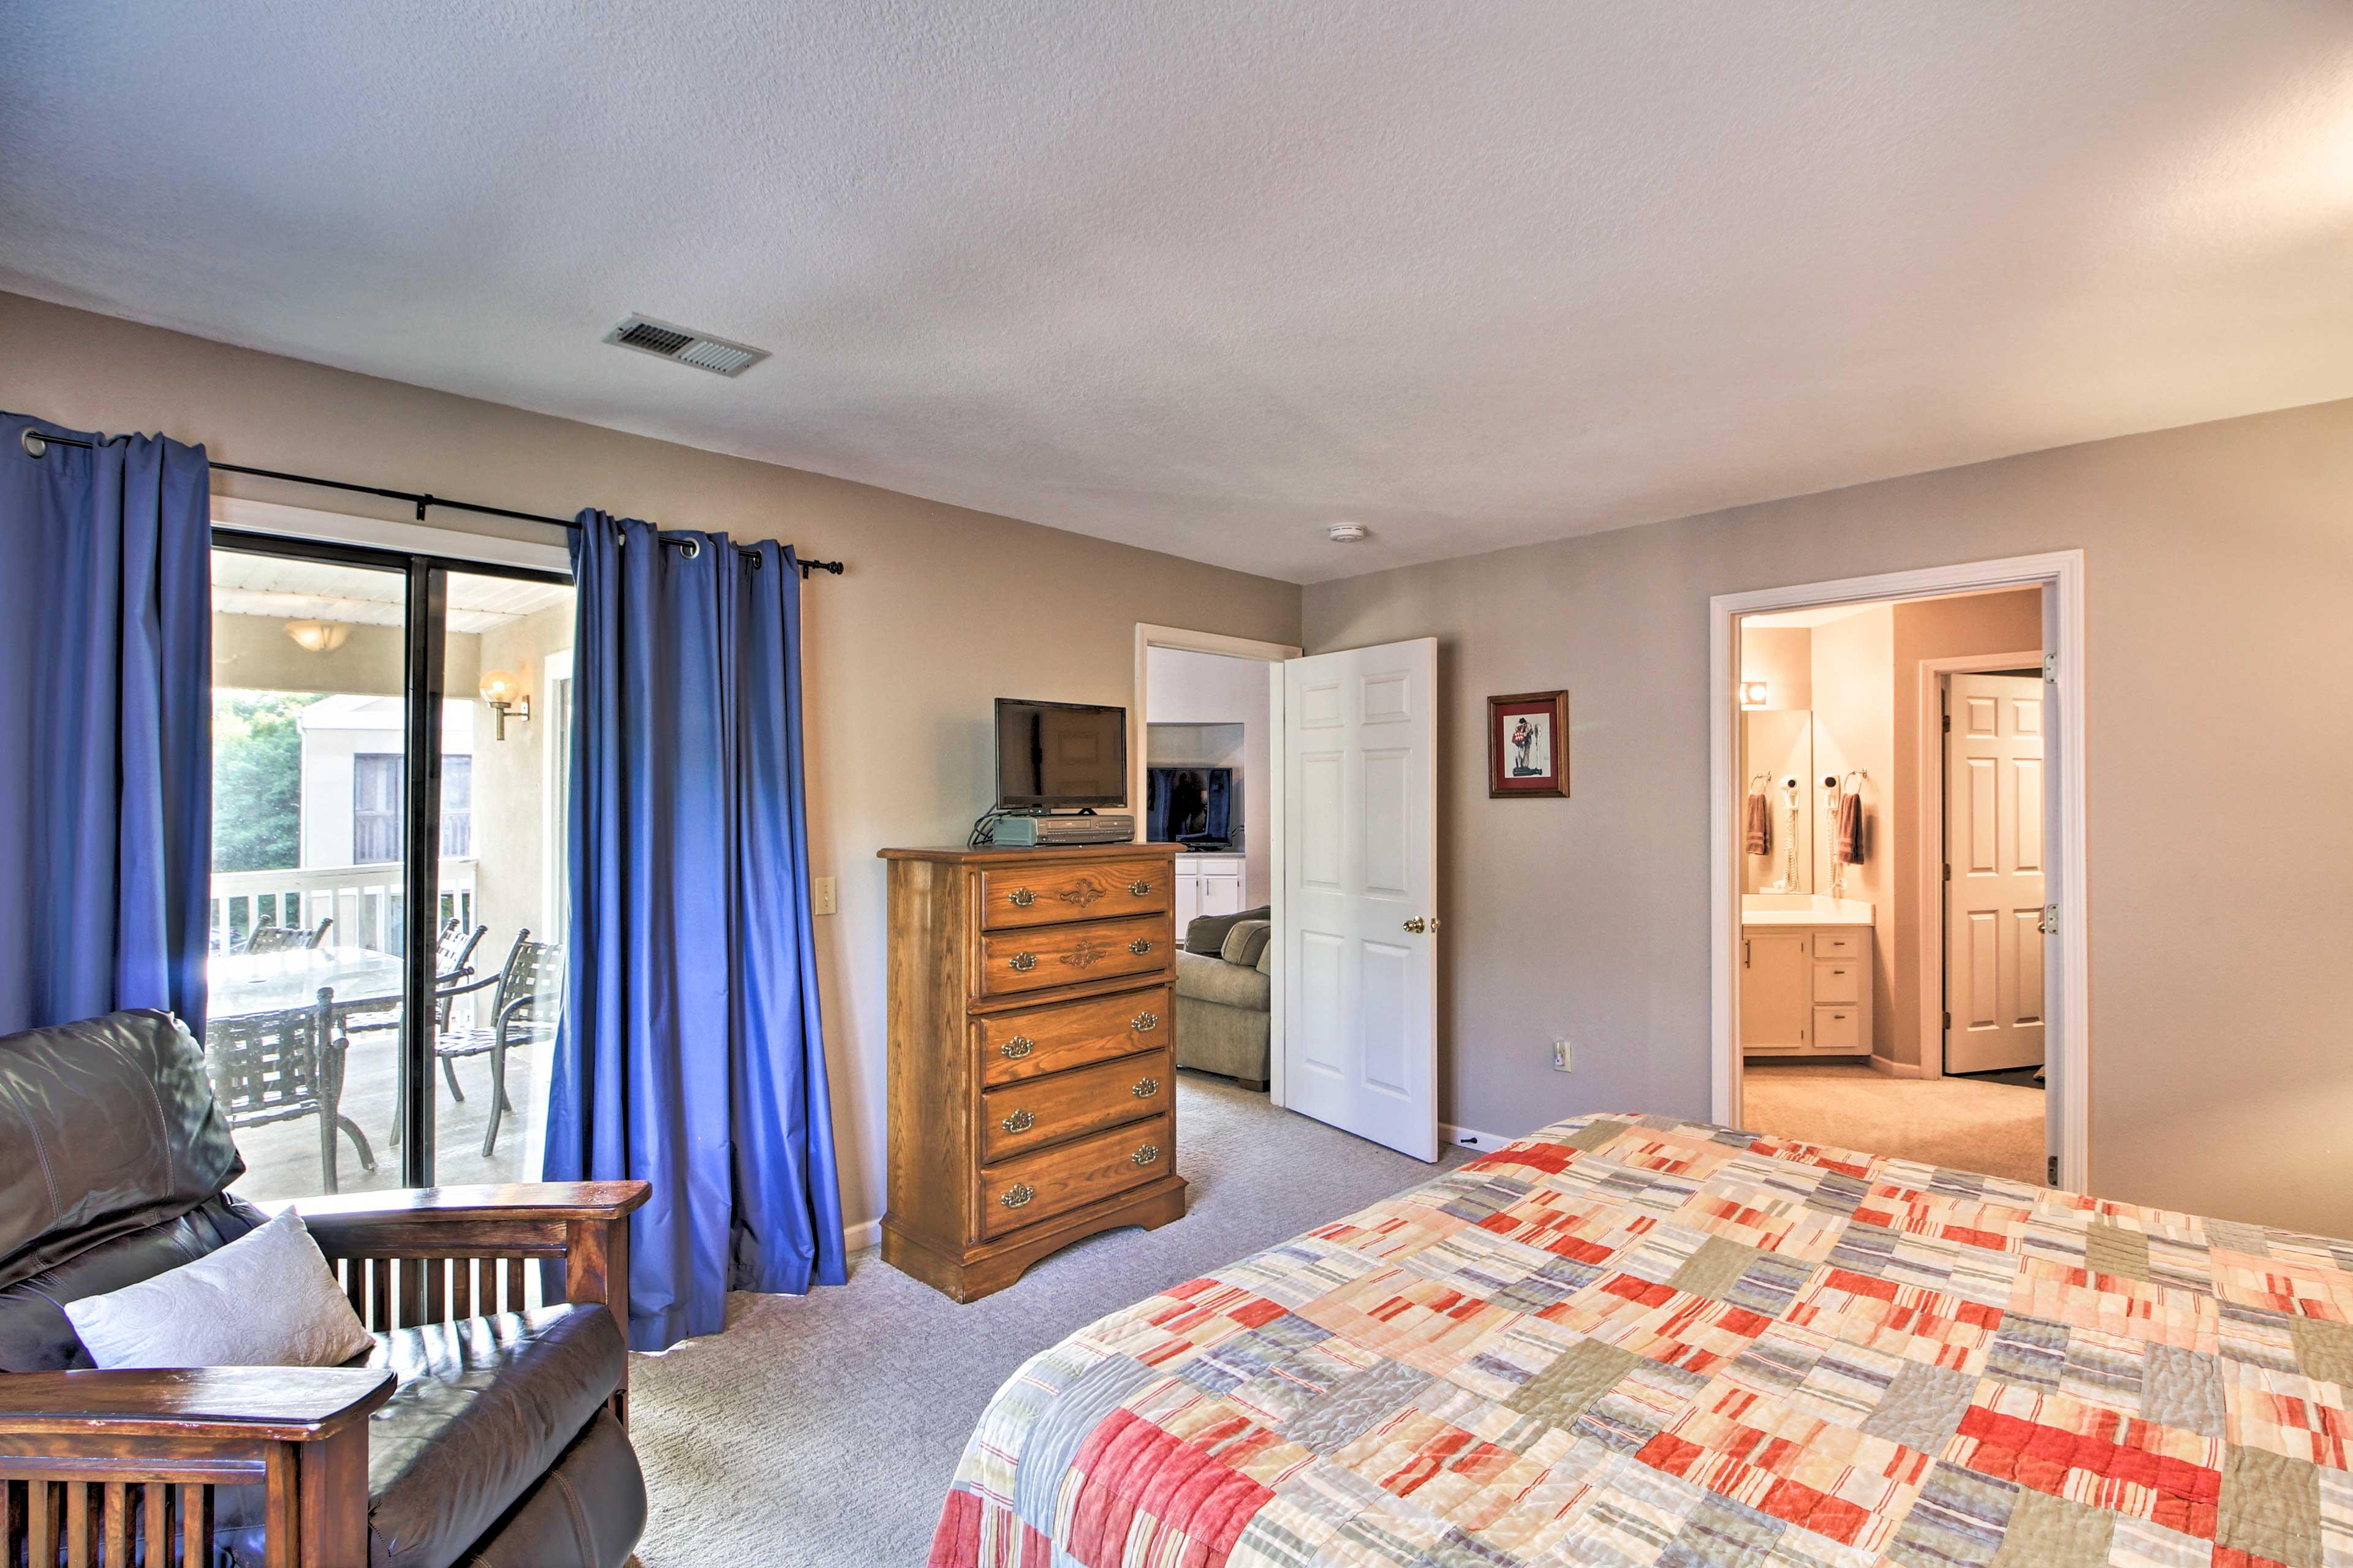 Bedroom 1 | Private Balcony Access | En-Suite Bathroom